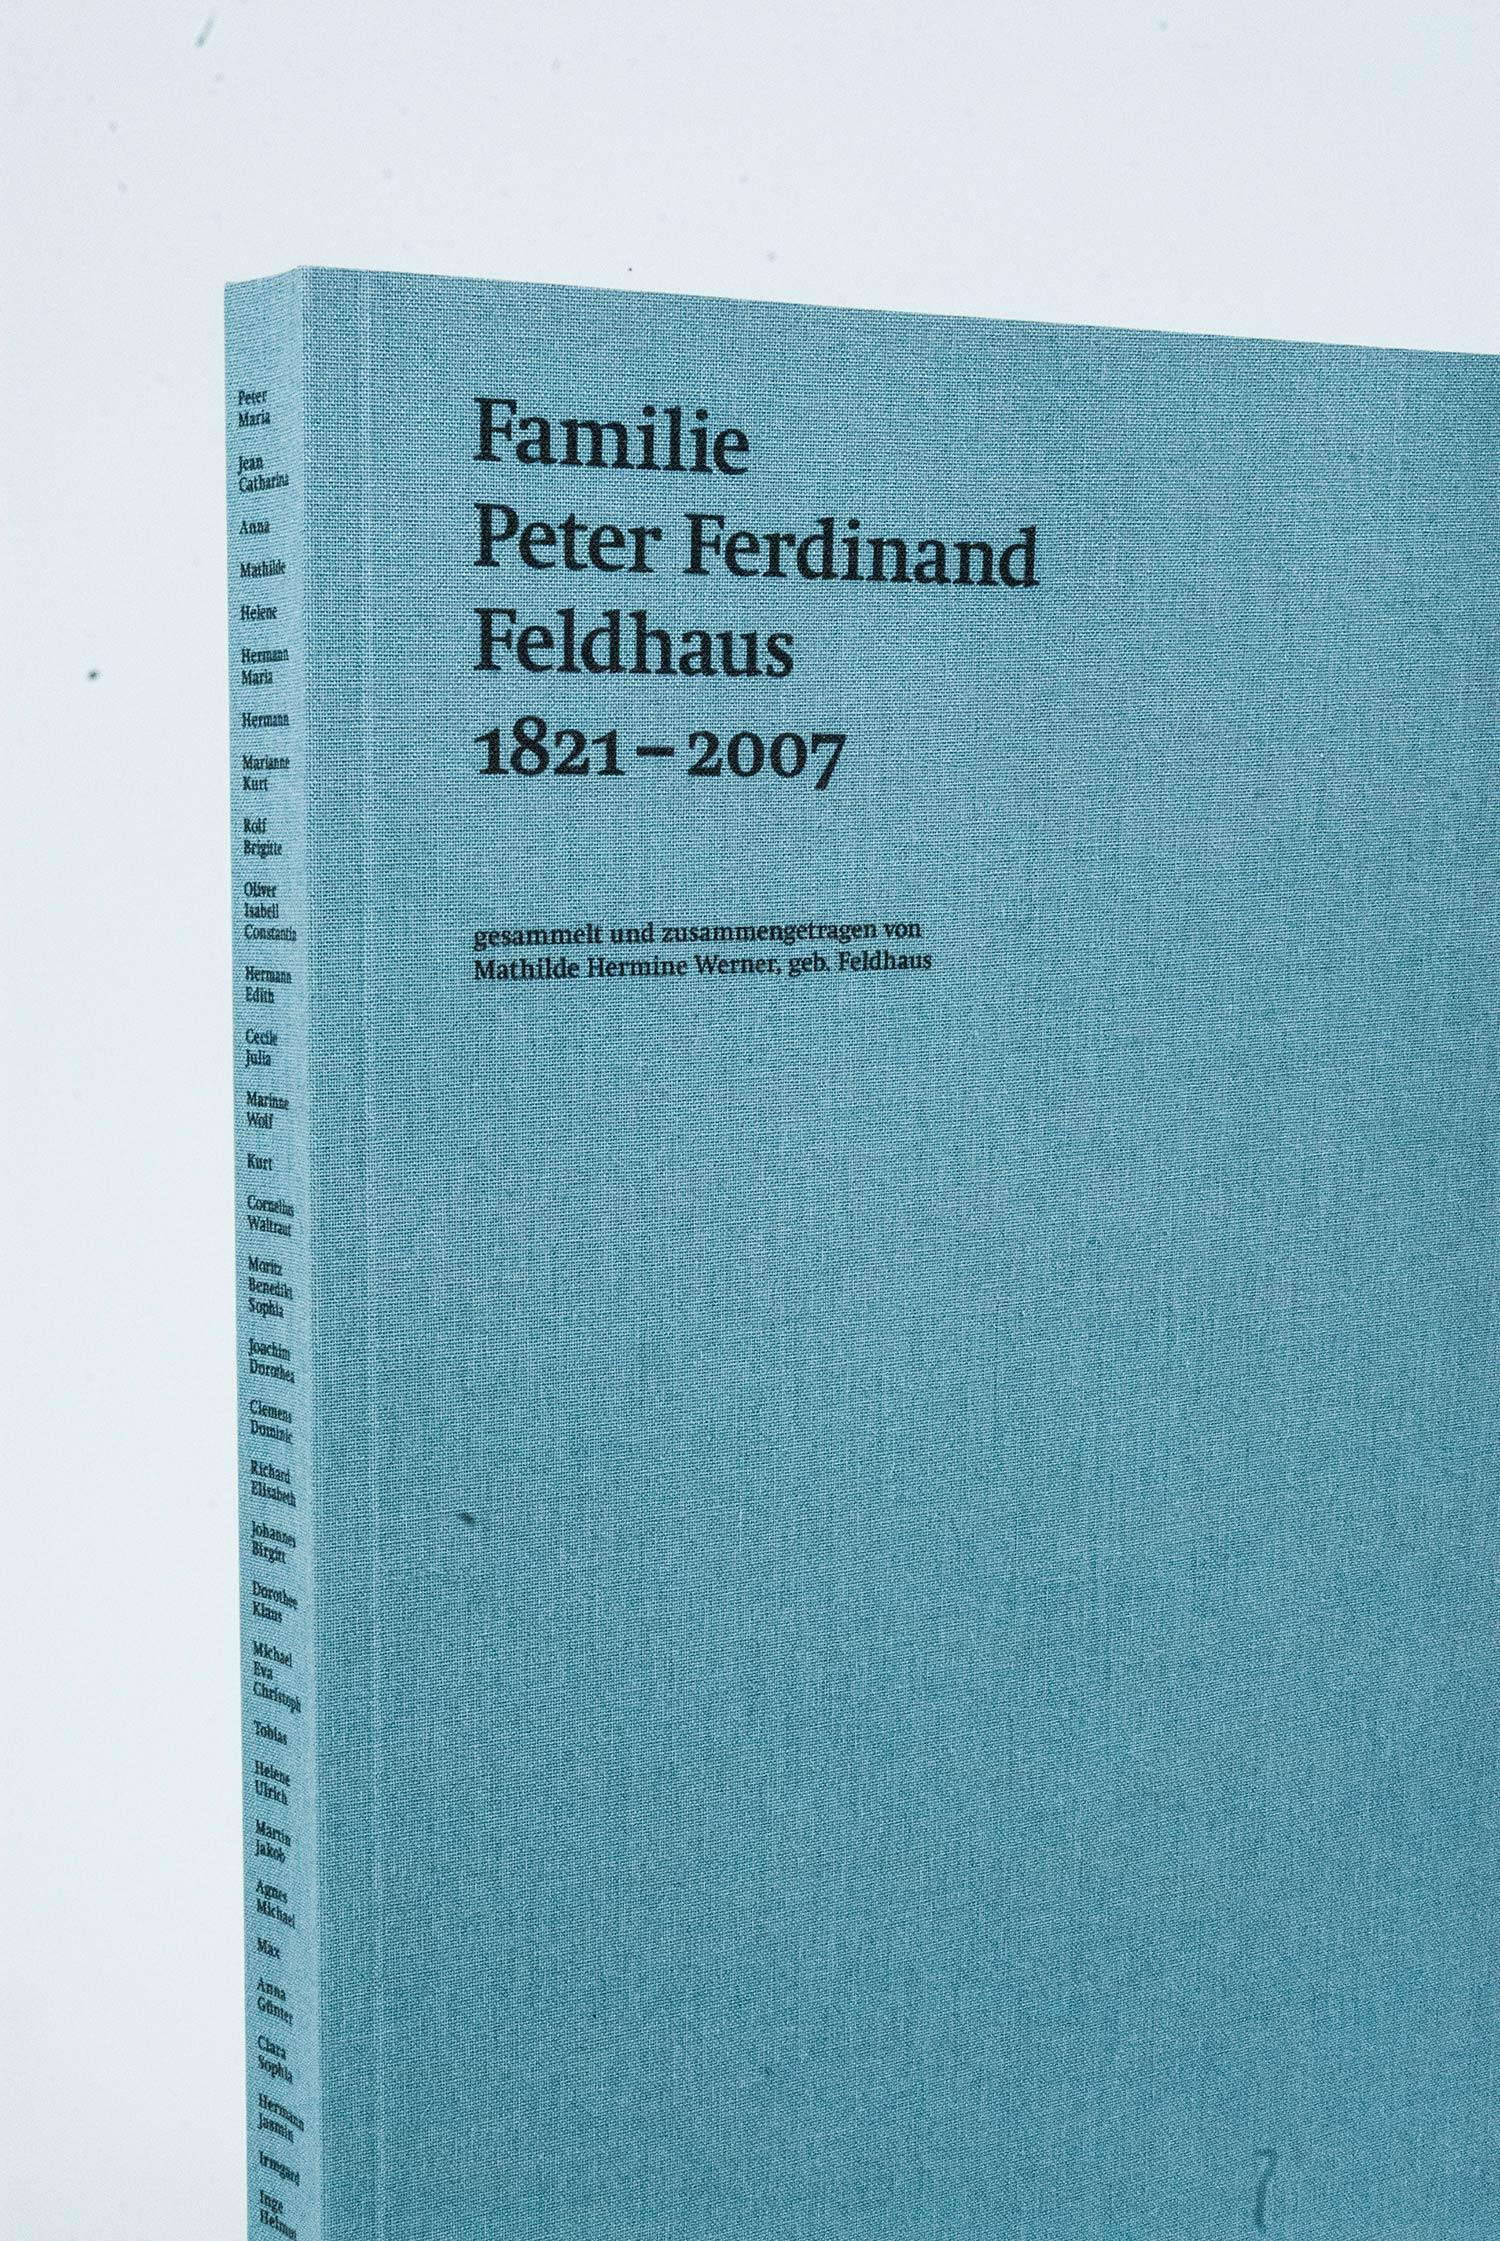 Sophia Schindler «Familie Feldhaus»   Visuelle Kommunikation, Diplom Bachelor  2016